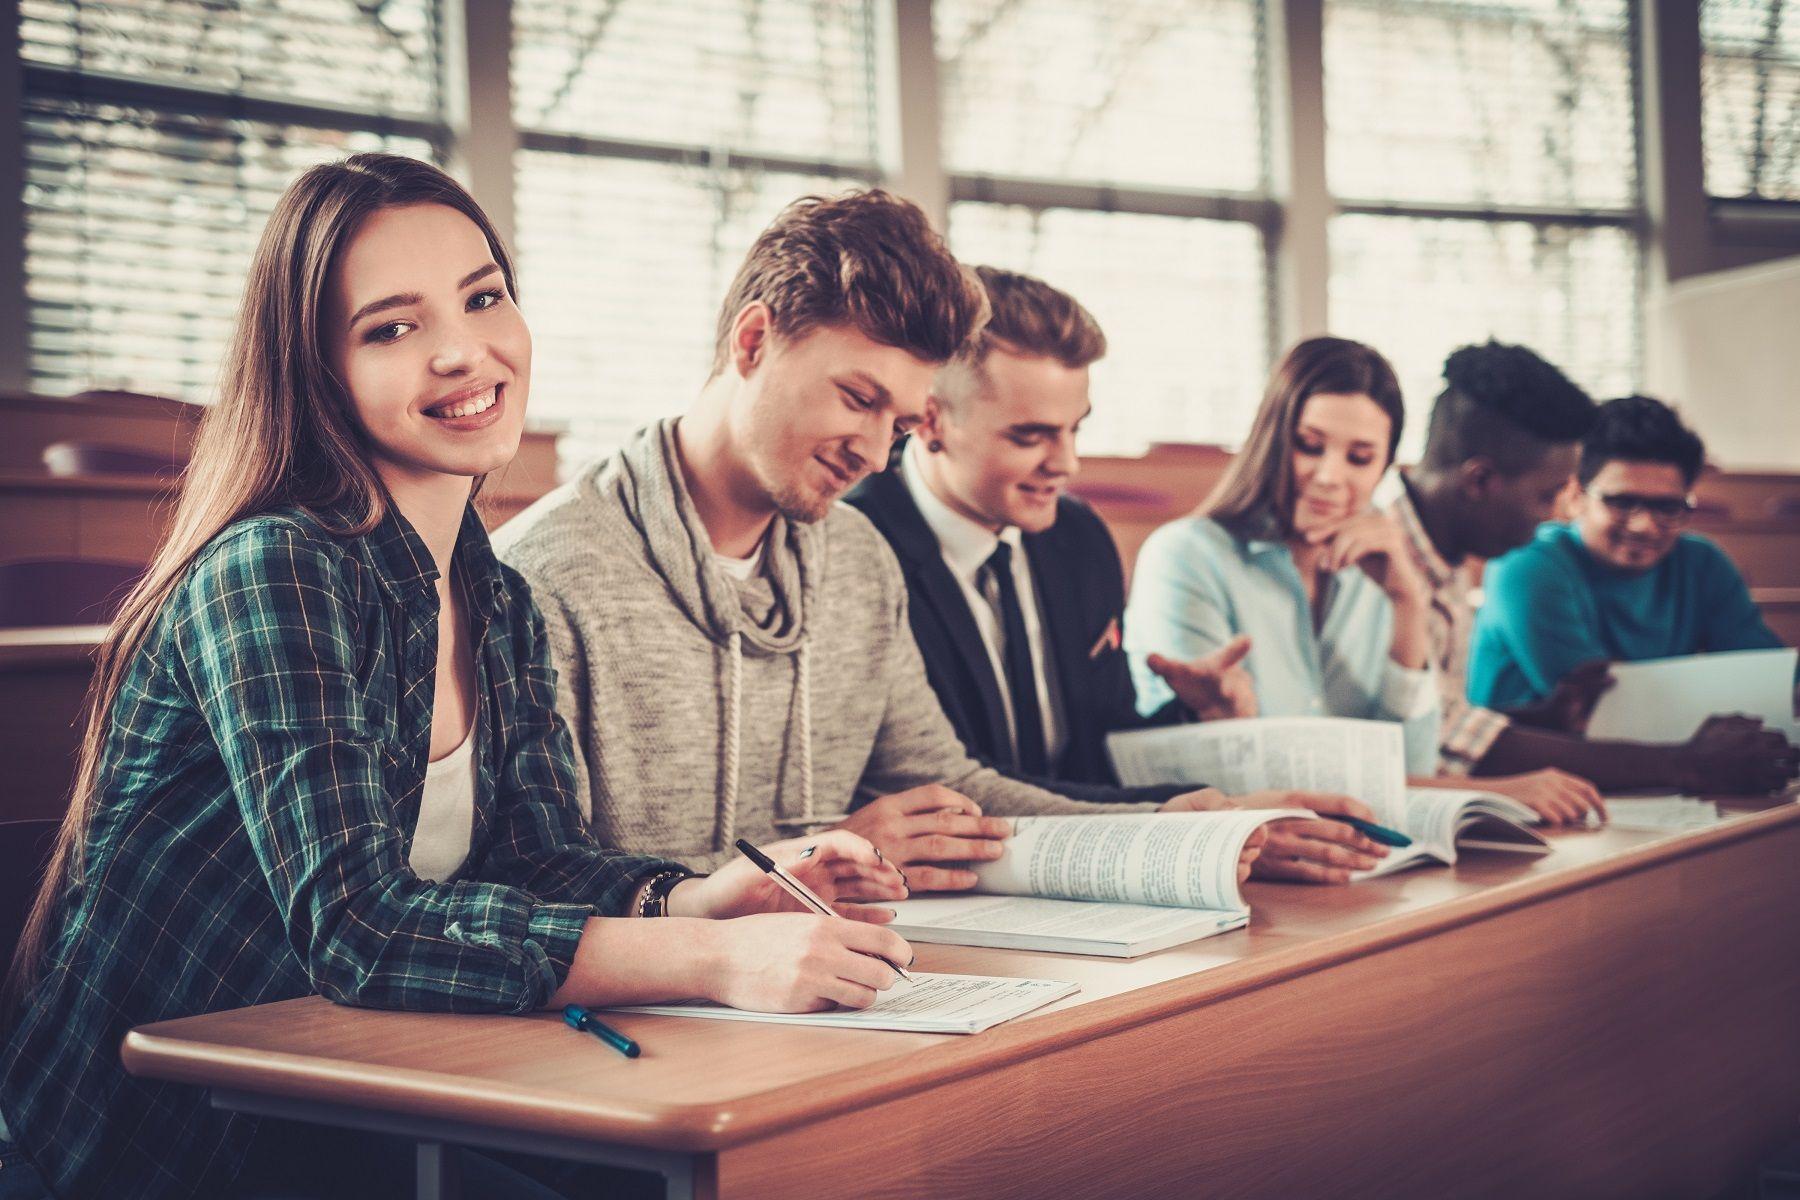 Центр «Абитуриент» ВГУЭС объявляет набор на курсы по подготовке к сдаче вступительных испытаний